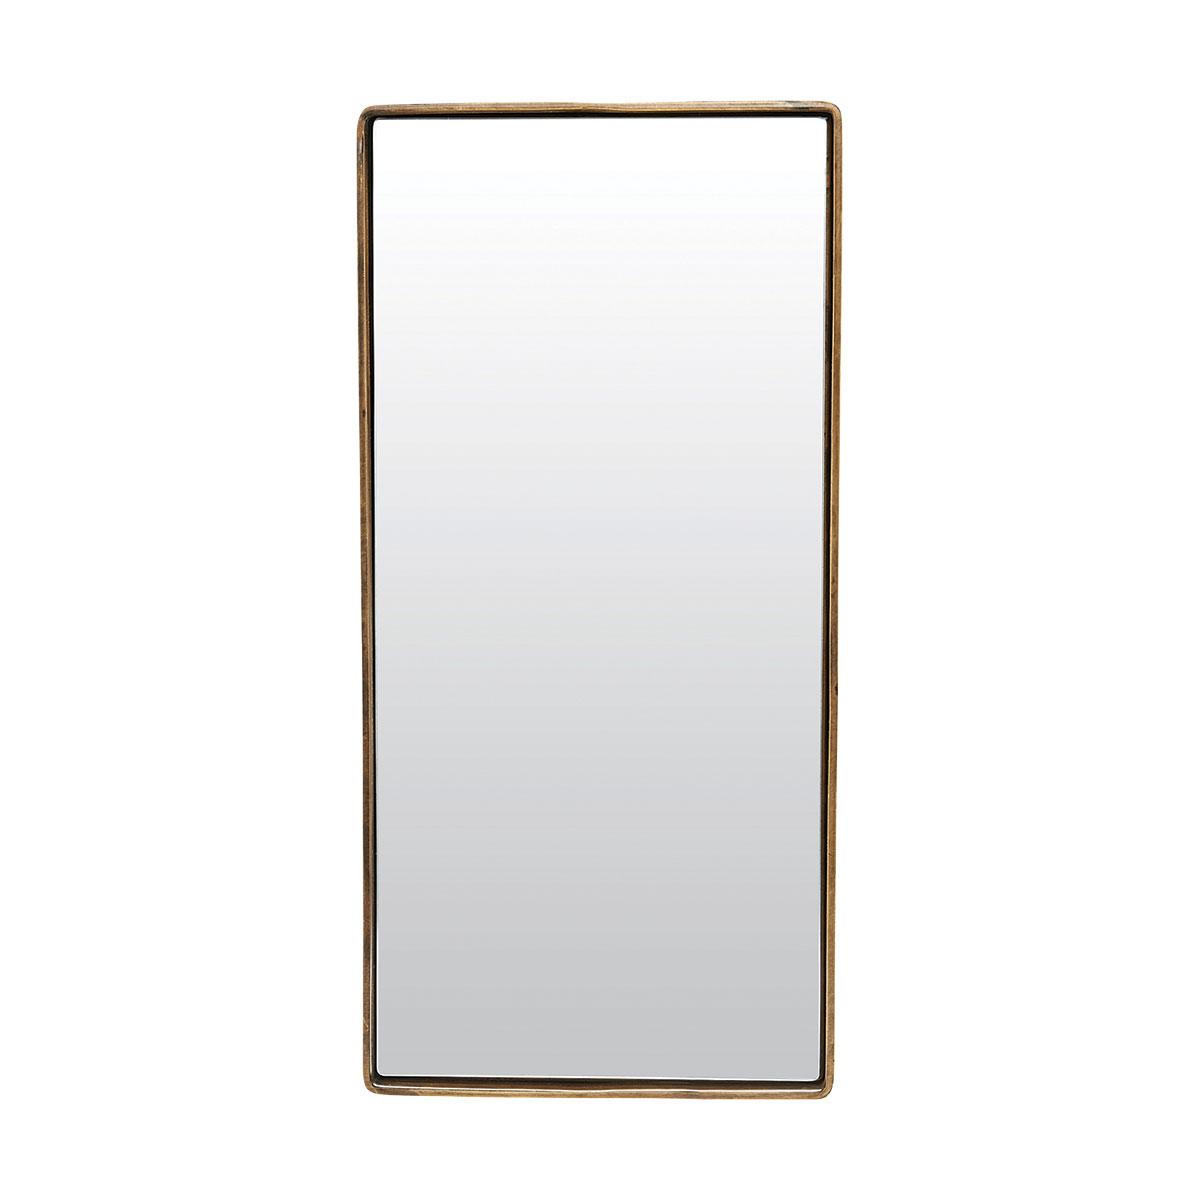 House doctor reflektion spejl med messing belagt ramme fra house doctor fra boboonline.dk